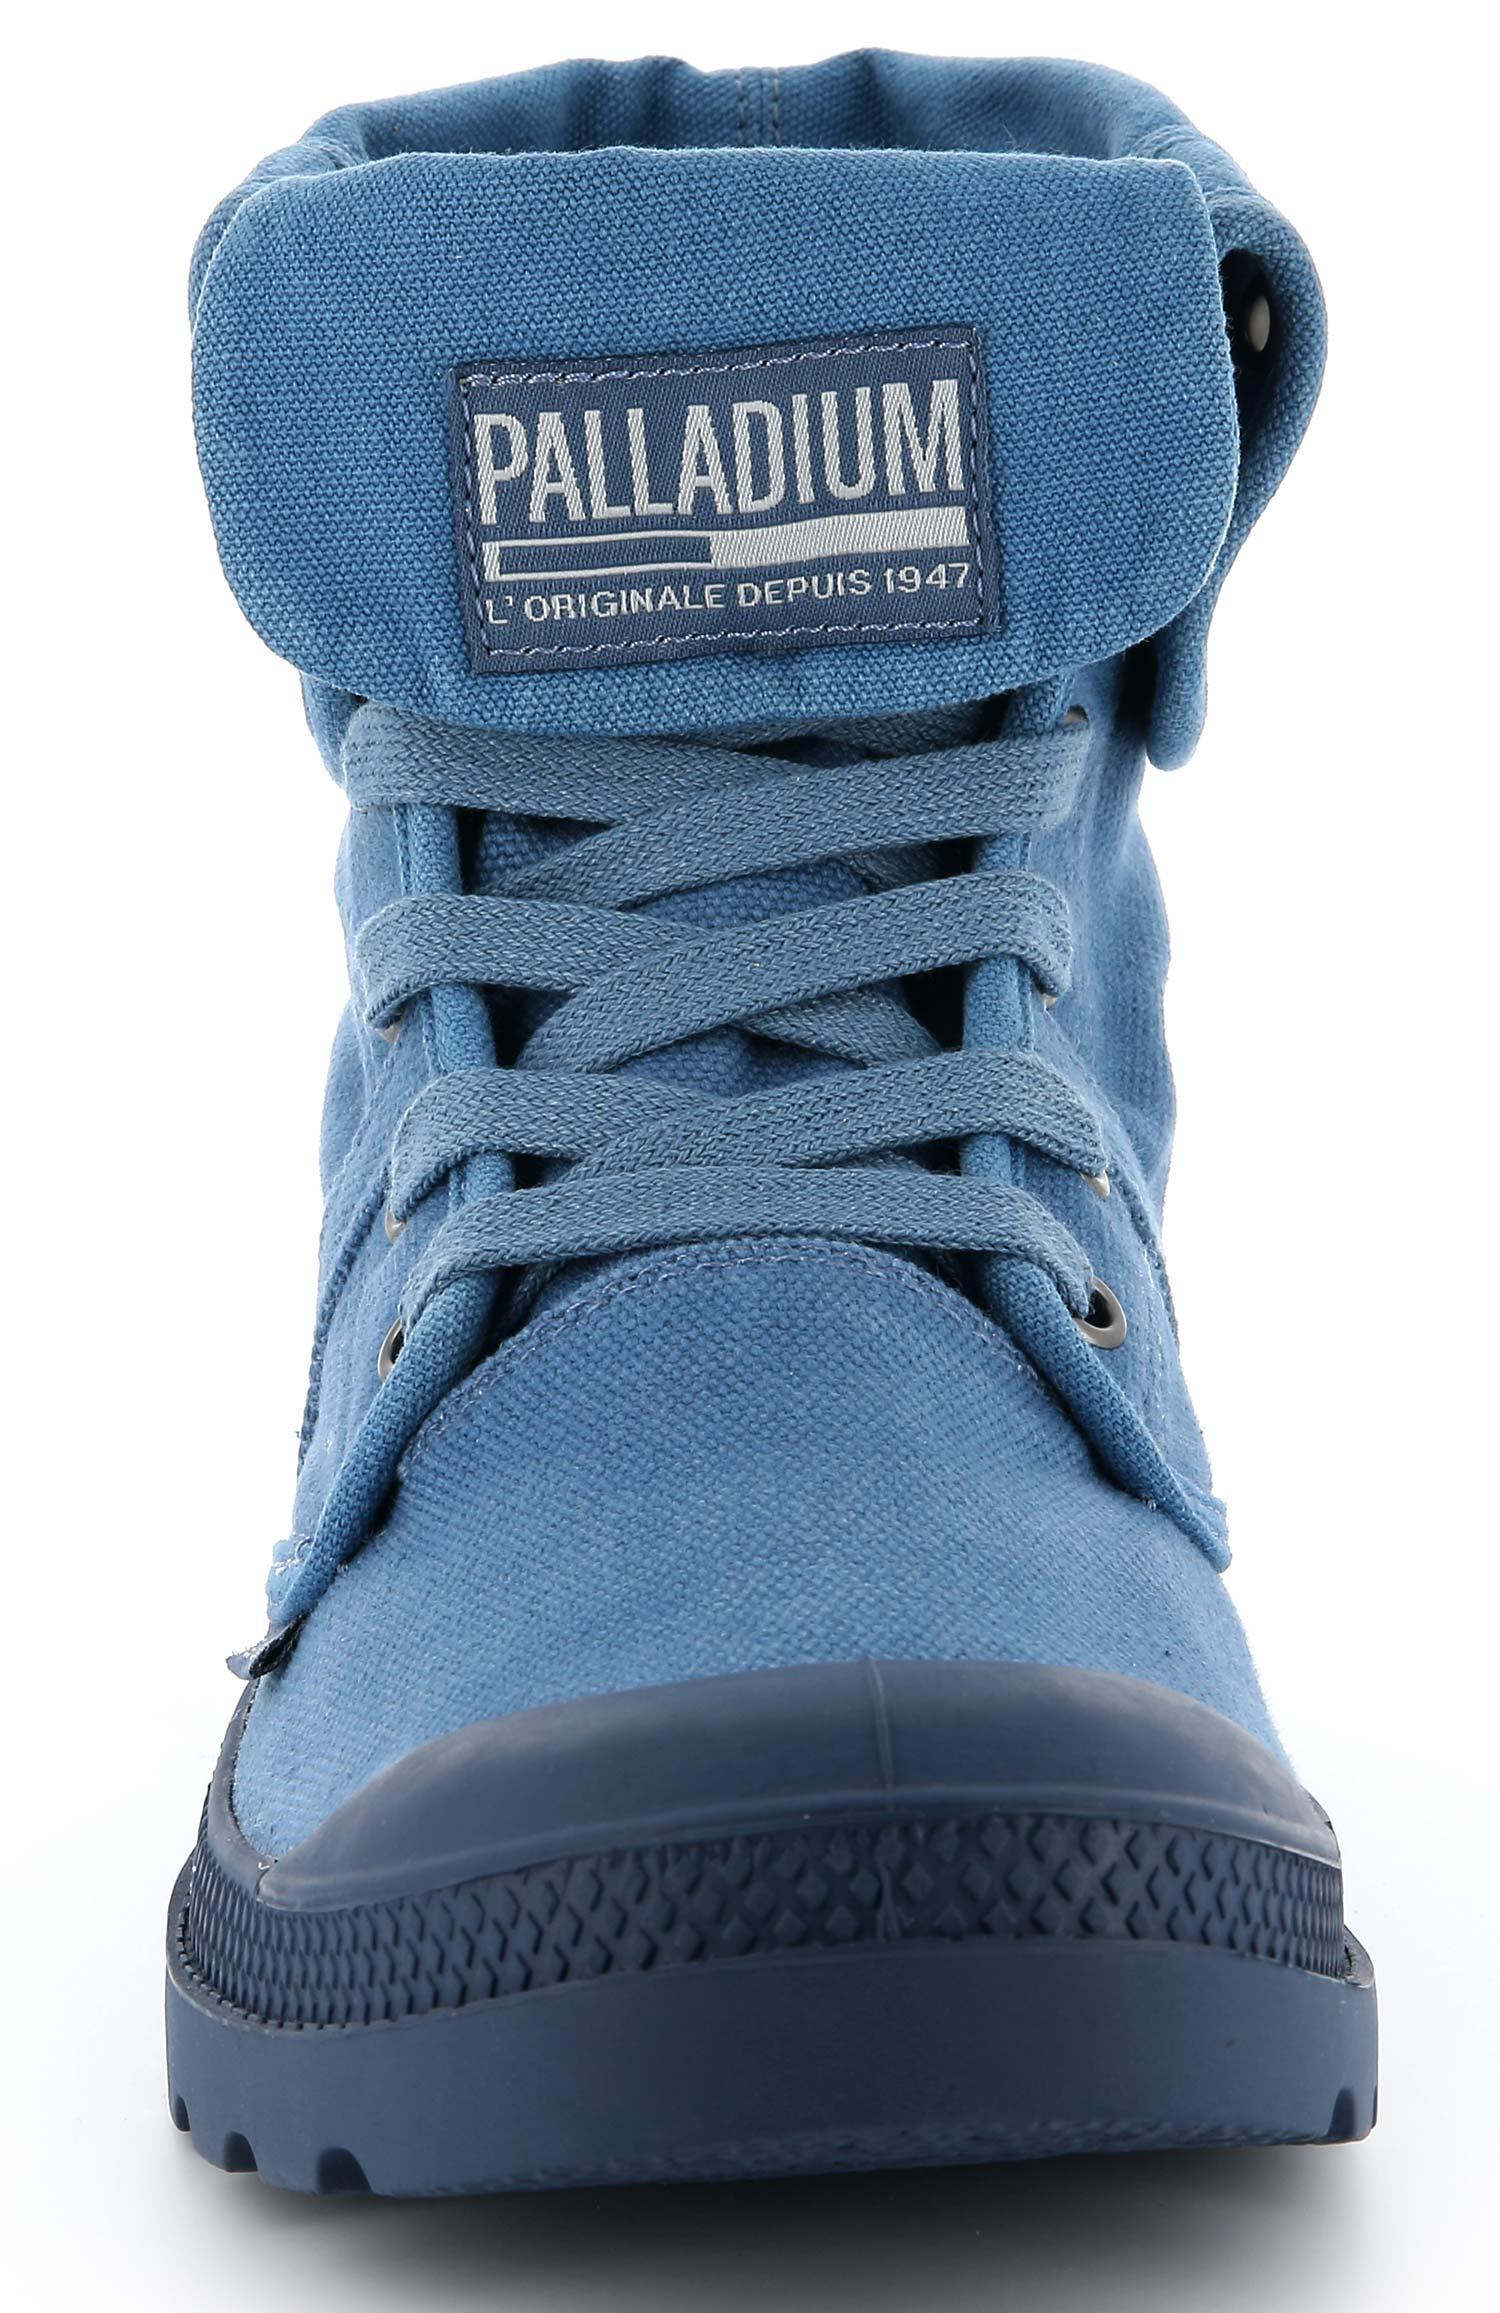 Palladium Us Baggy Damen Stiefel Stiefel Freizeitschuhe Stiefel Stiefel 92478-403-m Blau Neu 2f4ab2